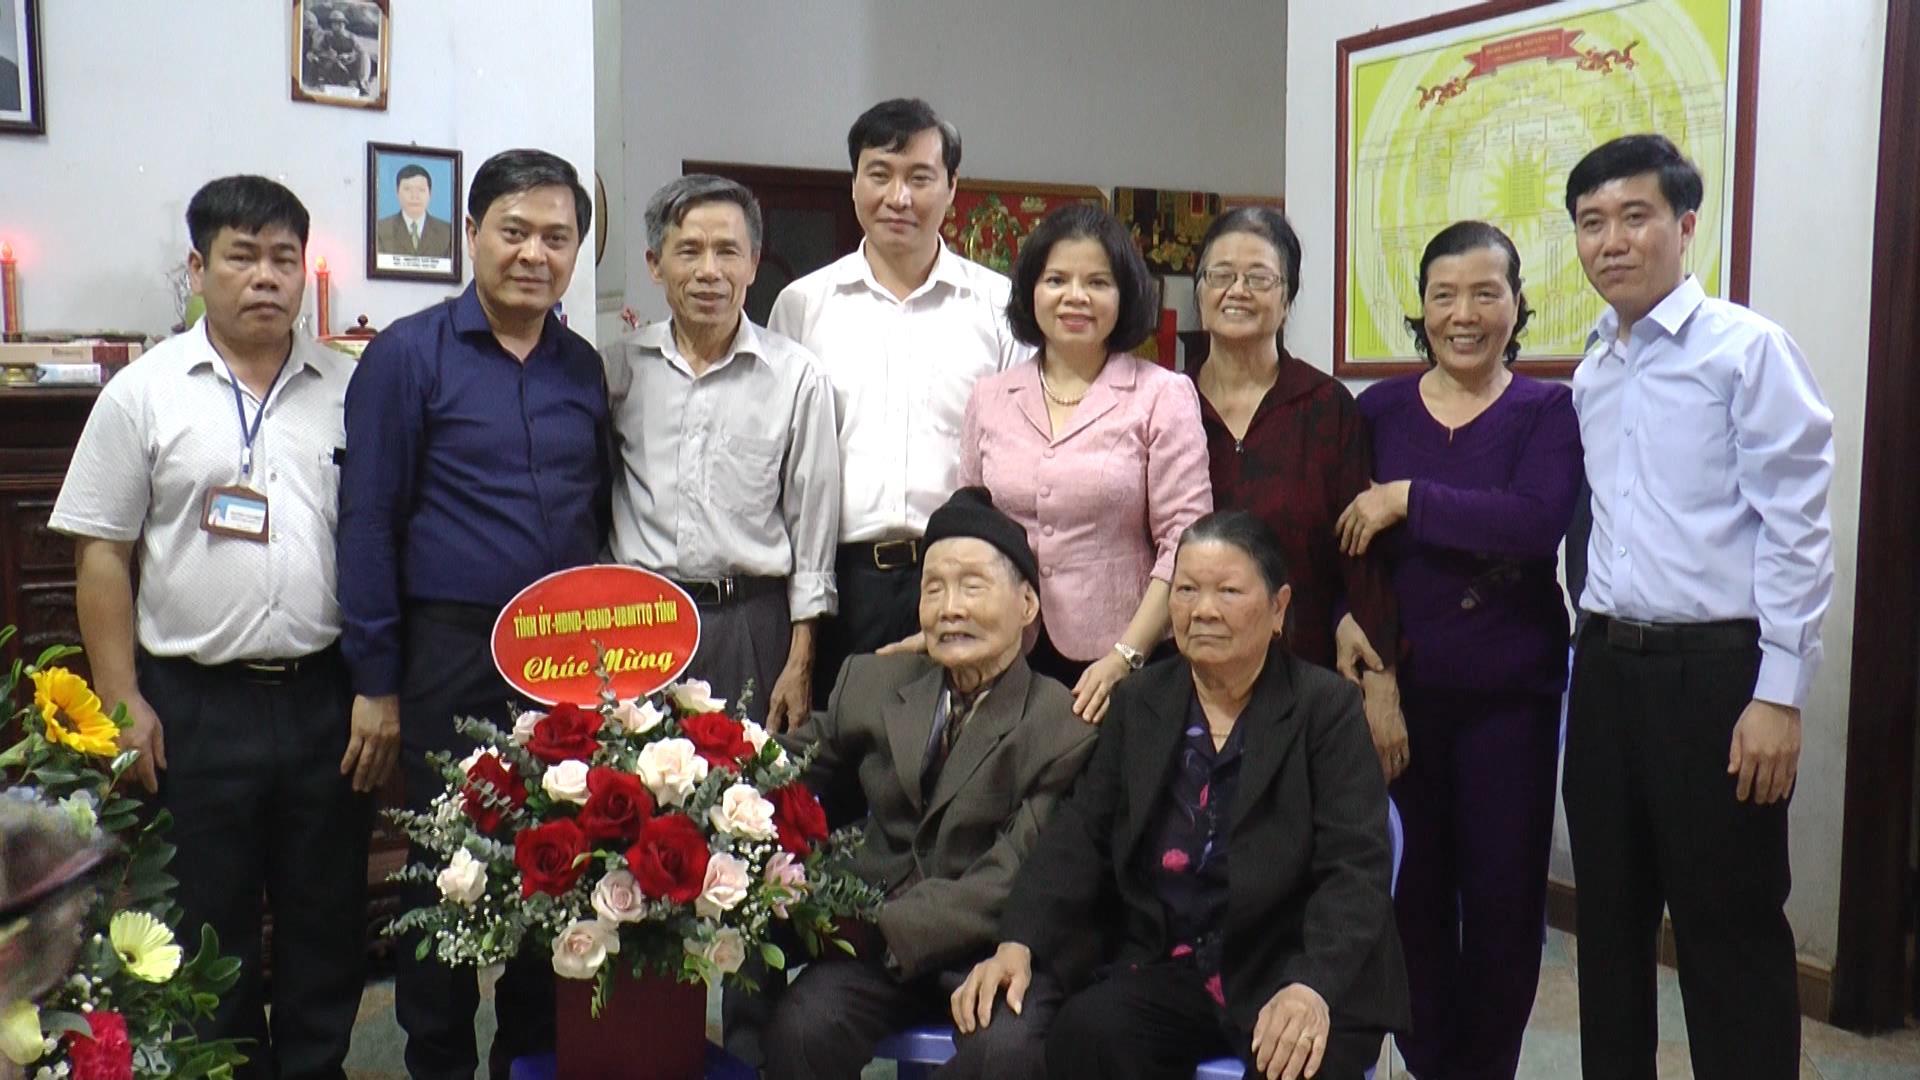 Chủ tịch UBND tỉnh Nguyễn Hương Giang thăm, chúc mừng  nhà giáo cao tuổi nhân ngày 20/11